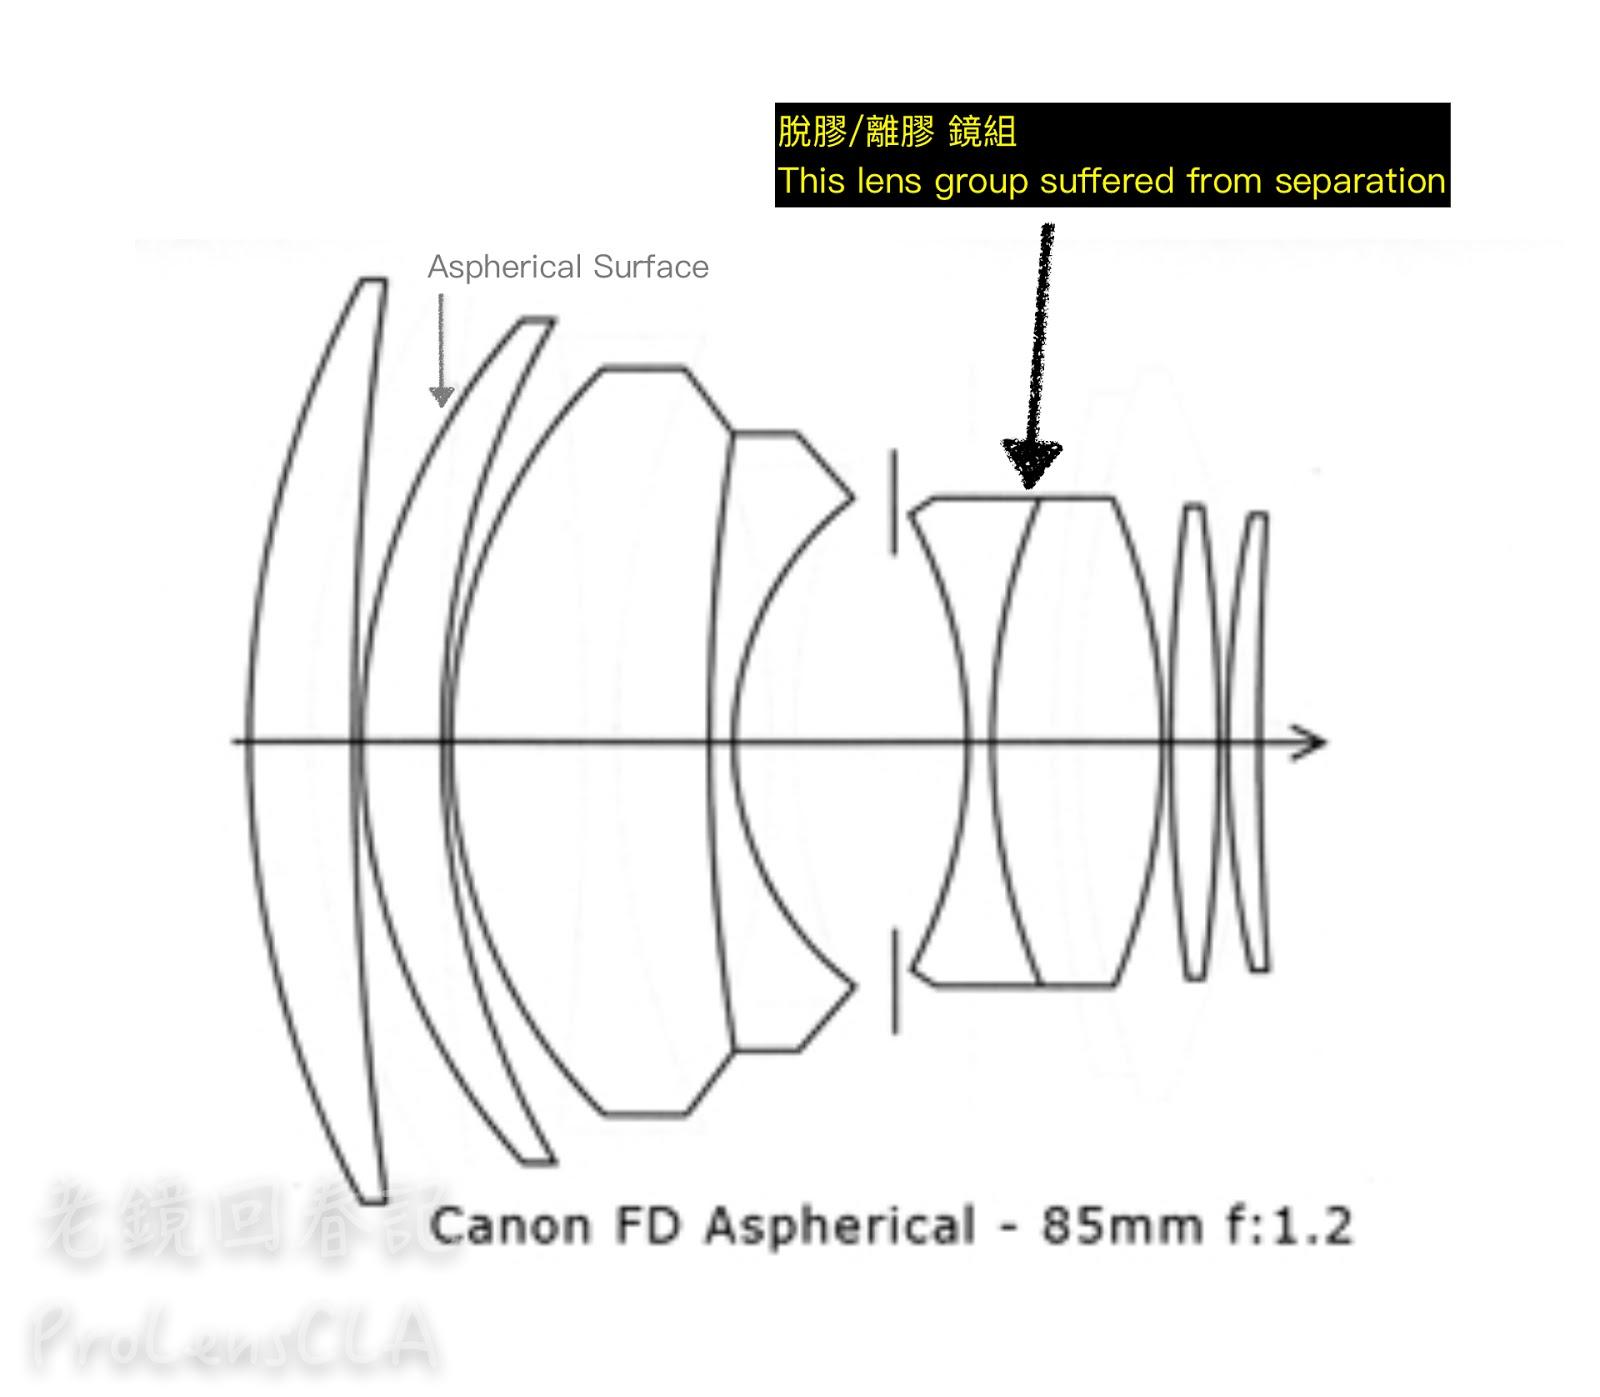 老鏡回春記 專業鏡頭維修服務 Old Manual Focus Lens Repair & CLA: CANON